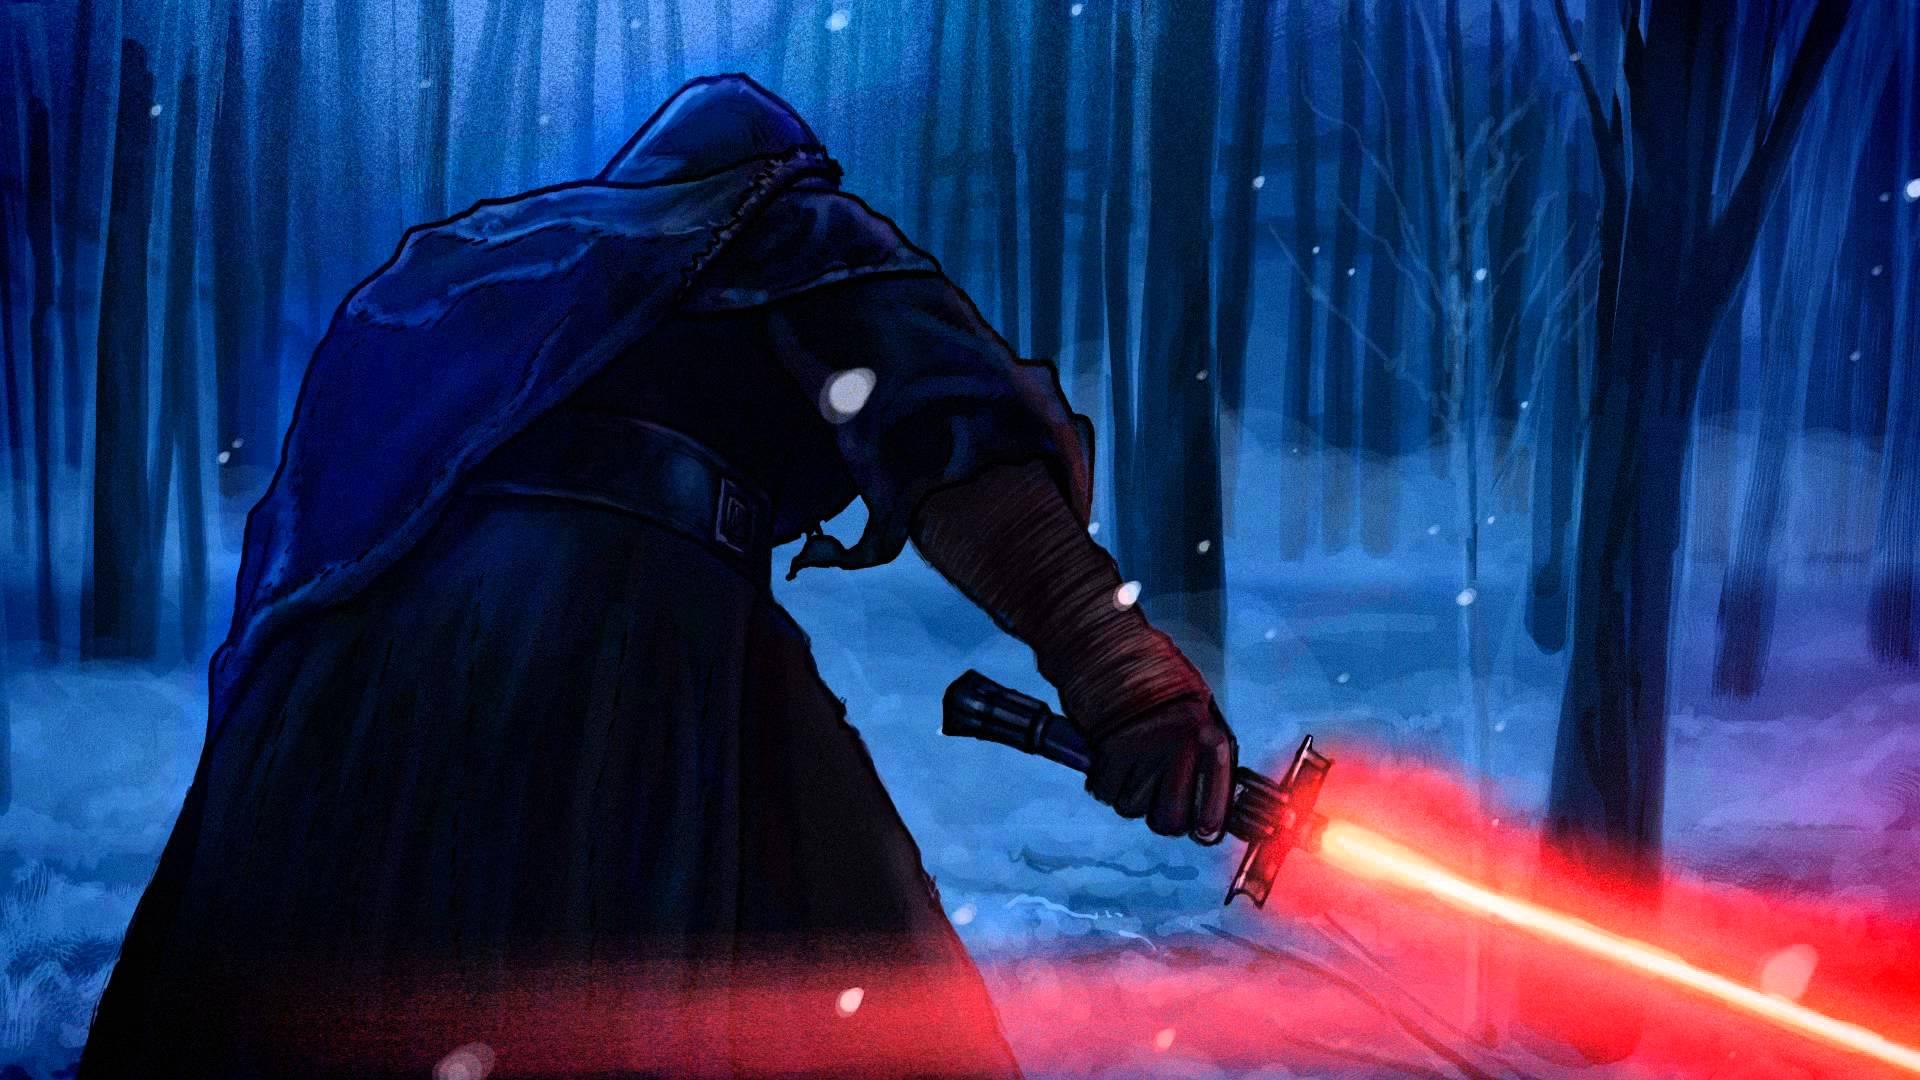 Kylo Ren Star Wars Motion Graphic 1920x1080